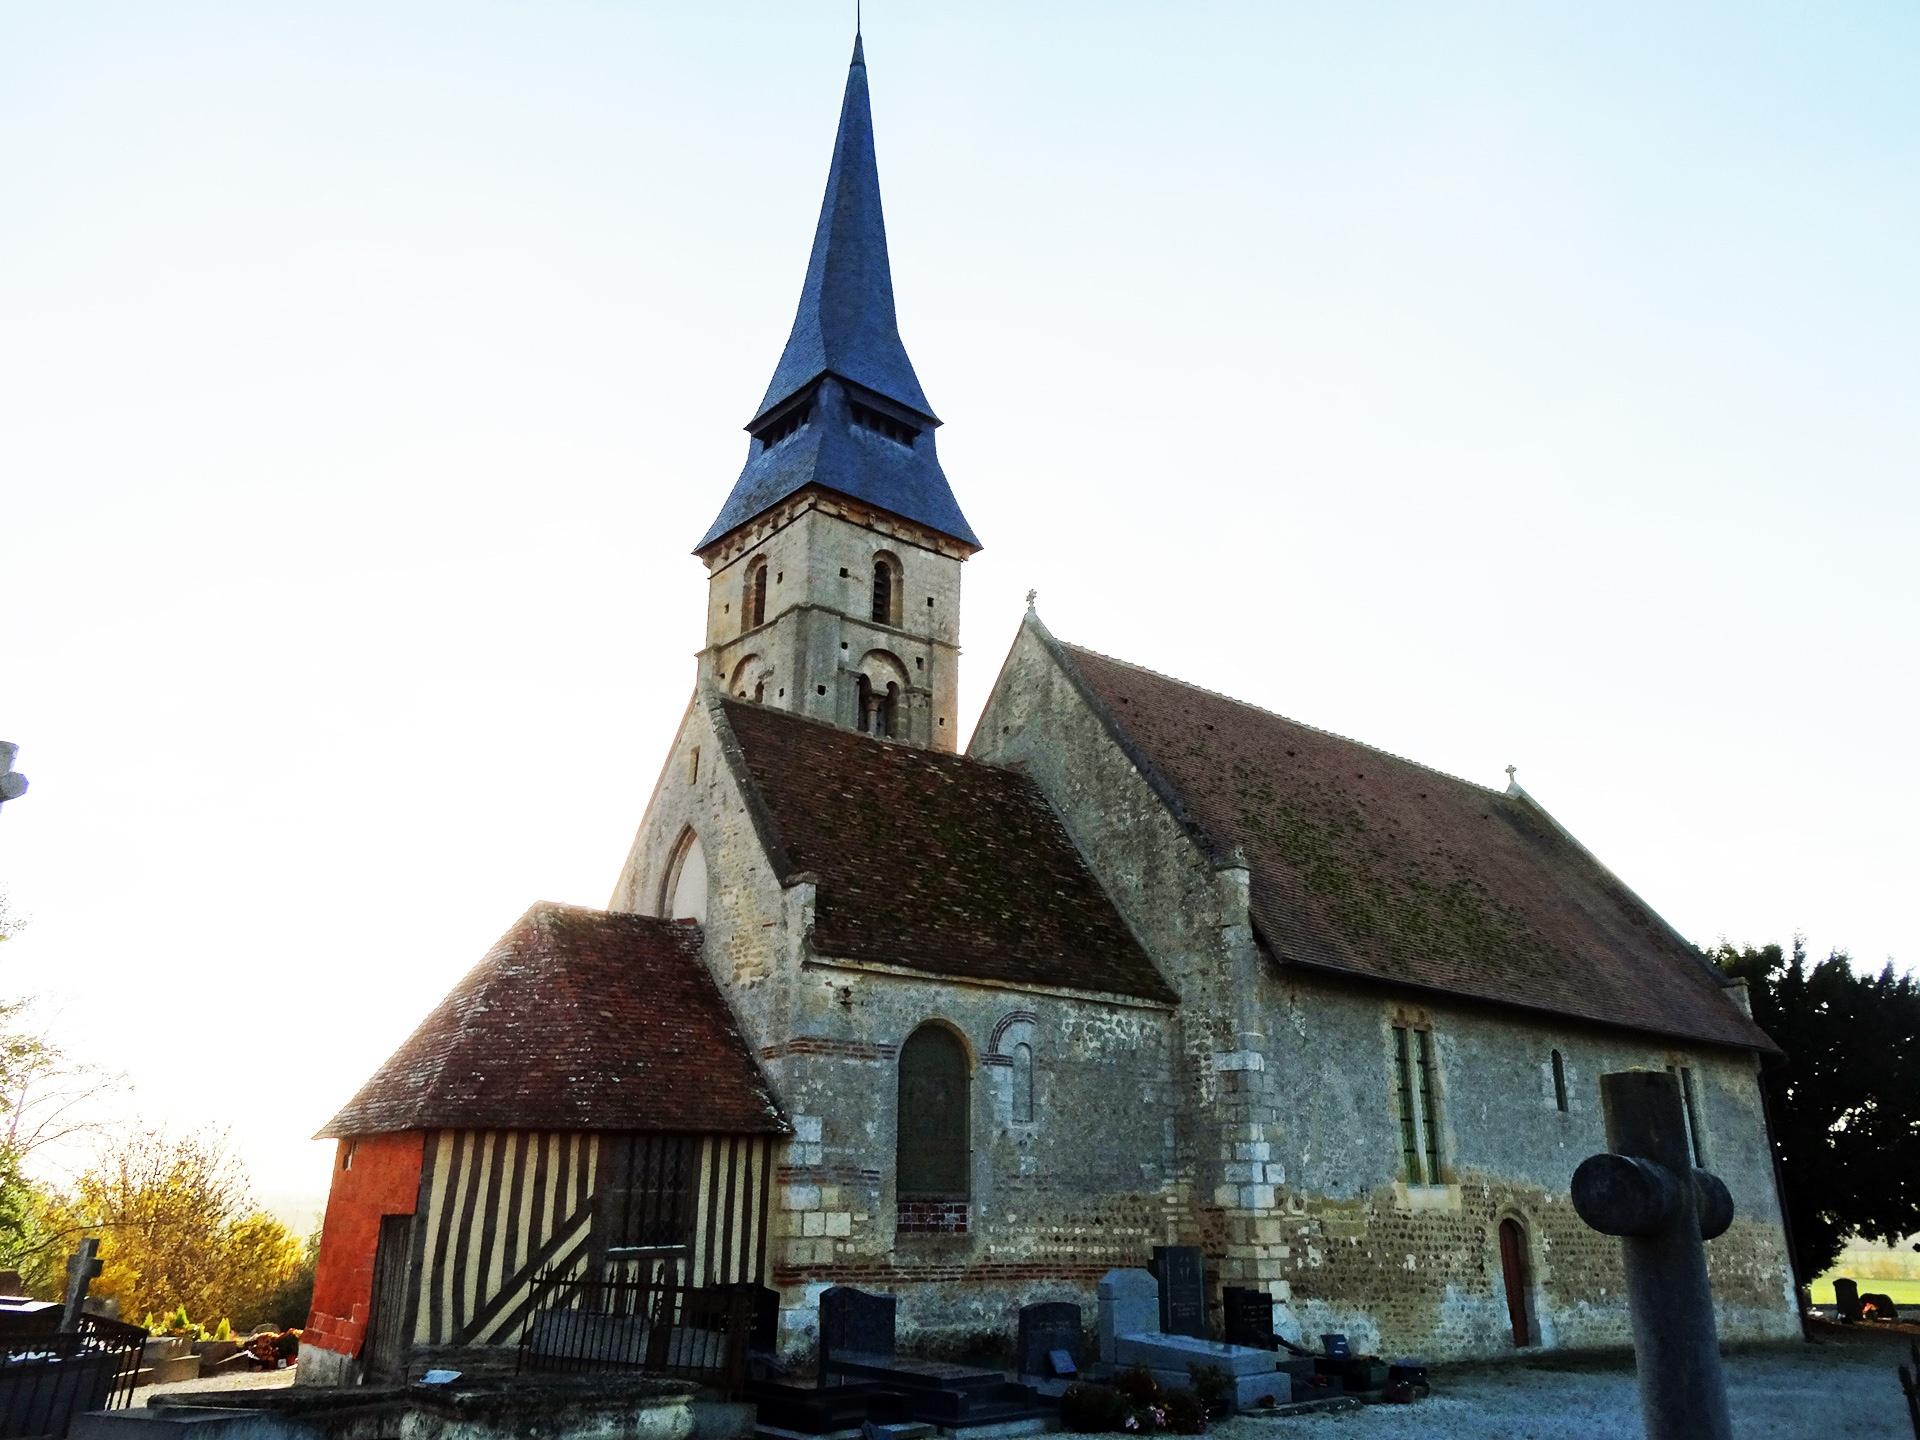 Eglise de Vieux-Pont-en-Auge Façade nord